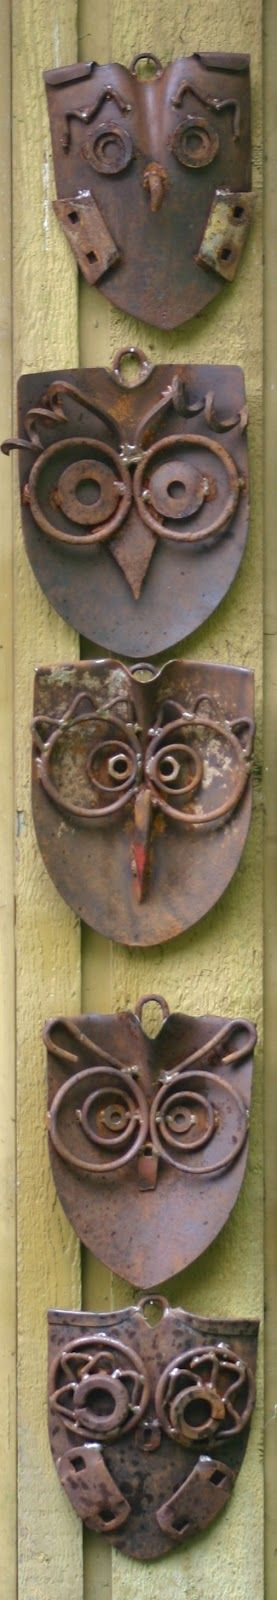 Kathi's Garden Art Rust-n-Stuff: A Parliament of Owls